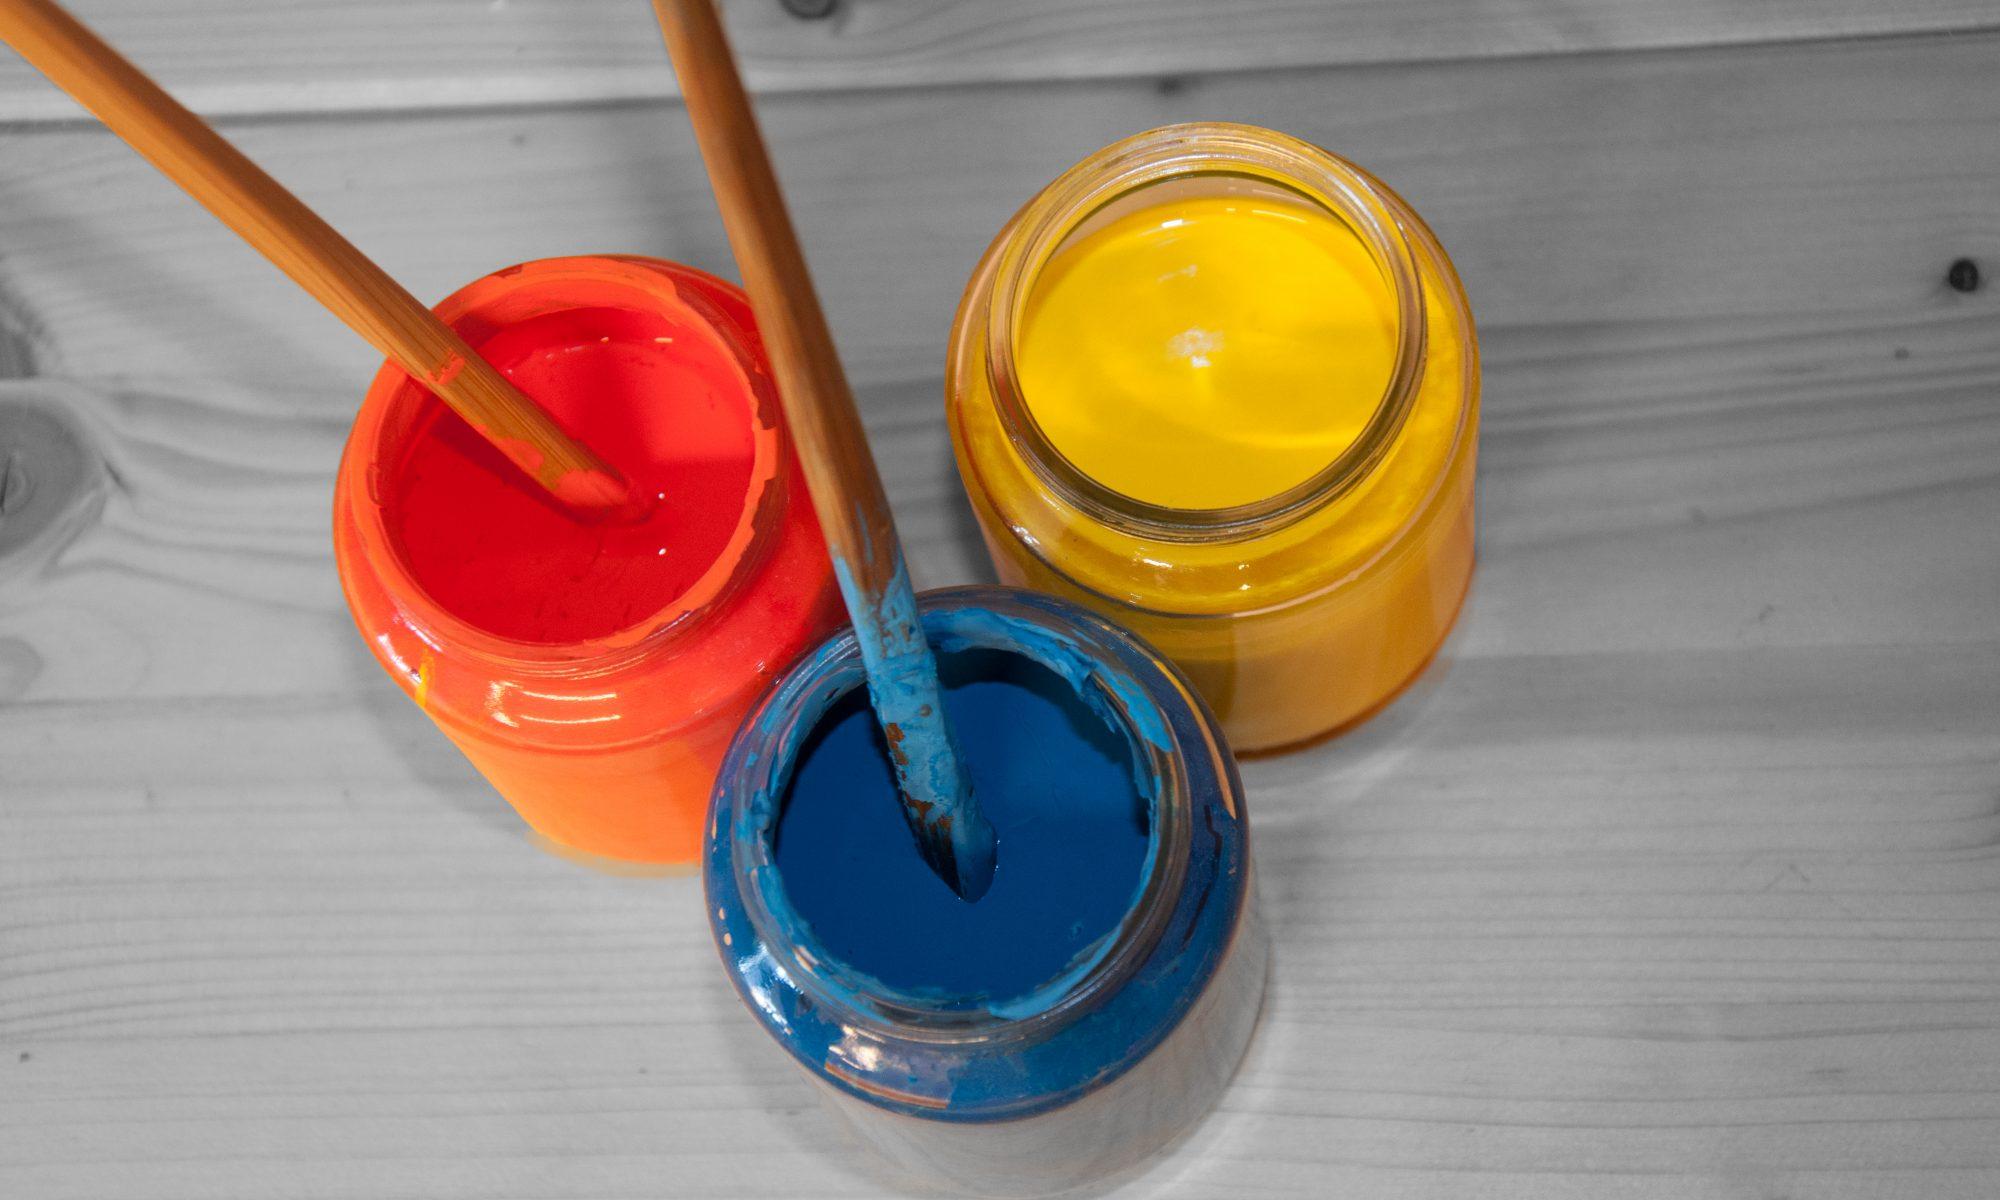 therapie gouache farben Praxis für Kunst und therapie Montabaur